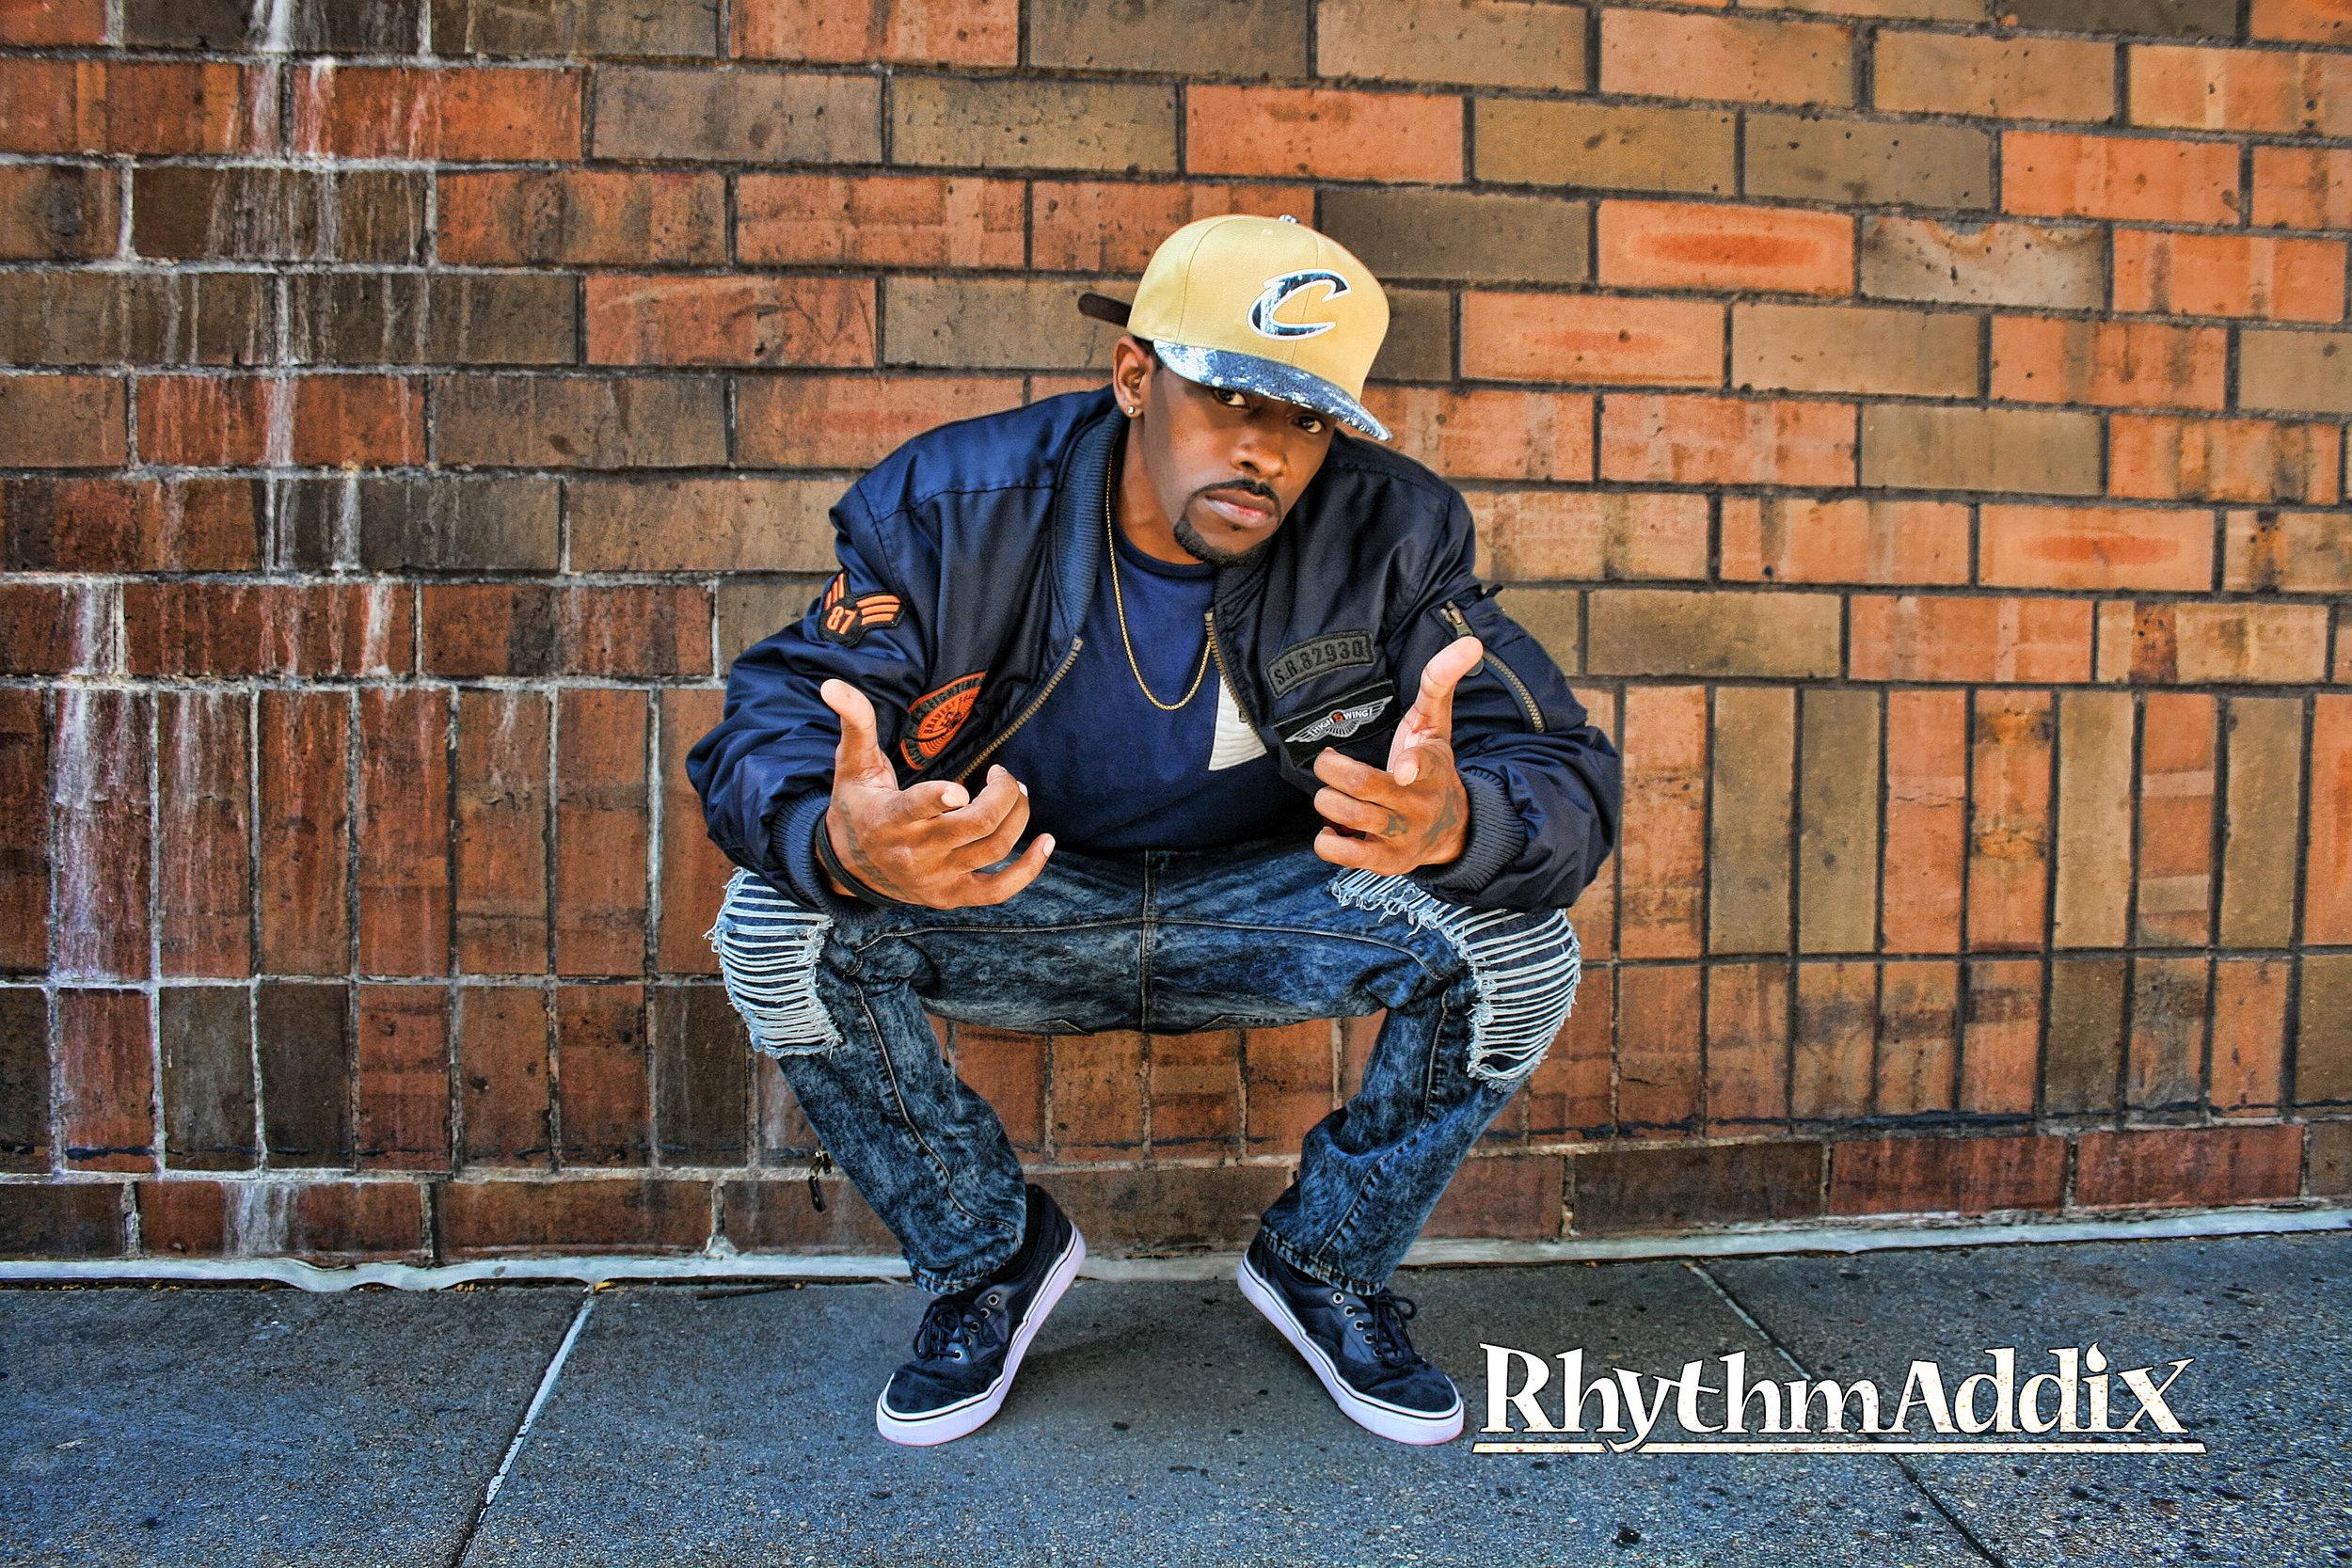 Lyrics-N-Rhythm - Lyrical swag...get you some by way of ...LR